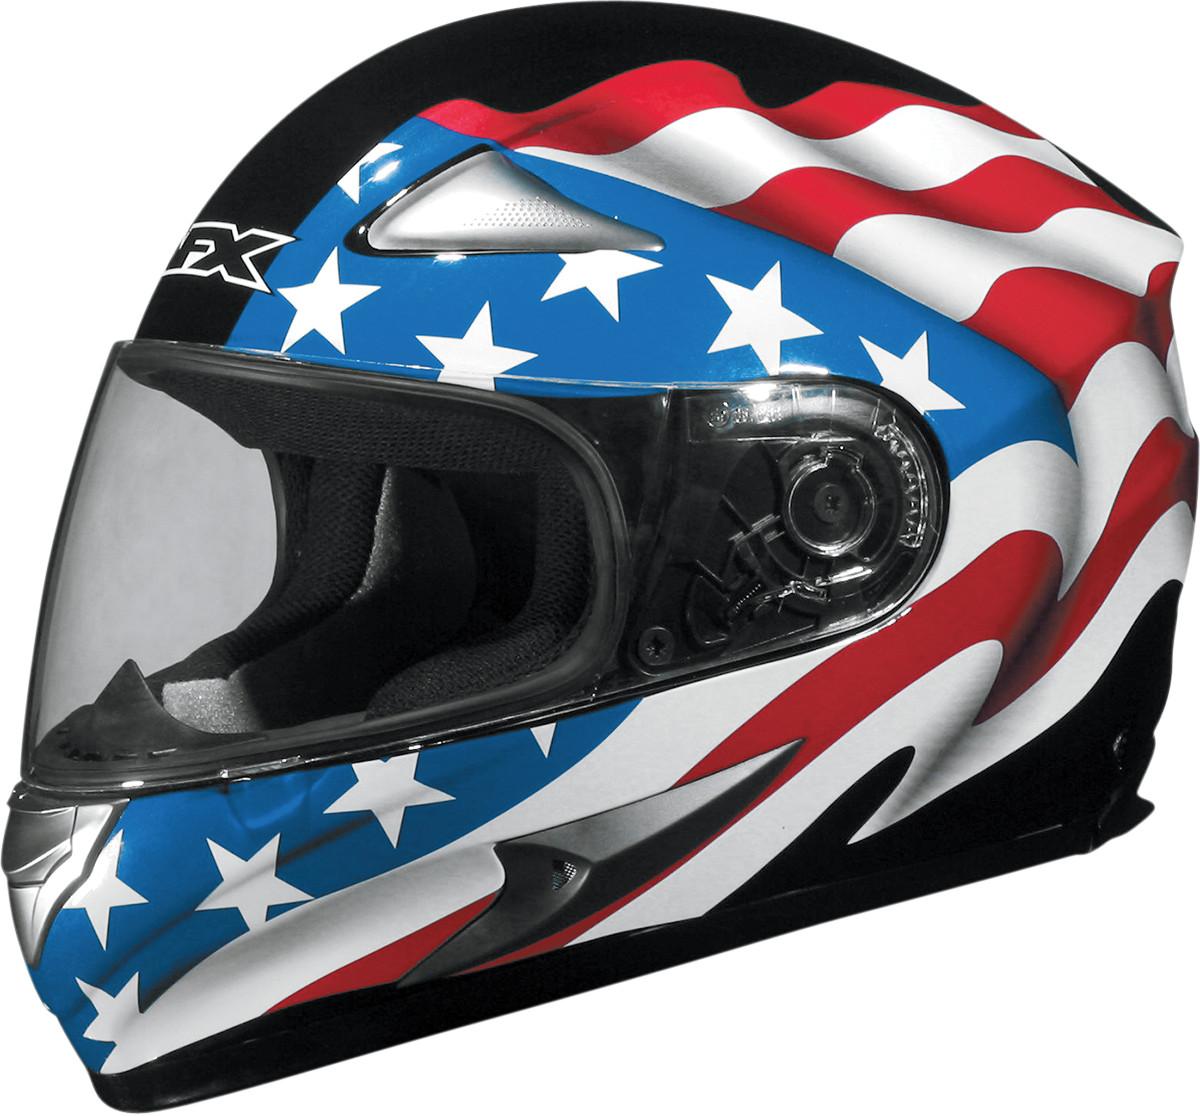 Afx Fx Flag Full Face Motorcycle Helmet Black on S Shell Size Chart